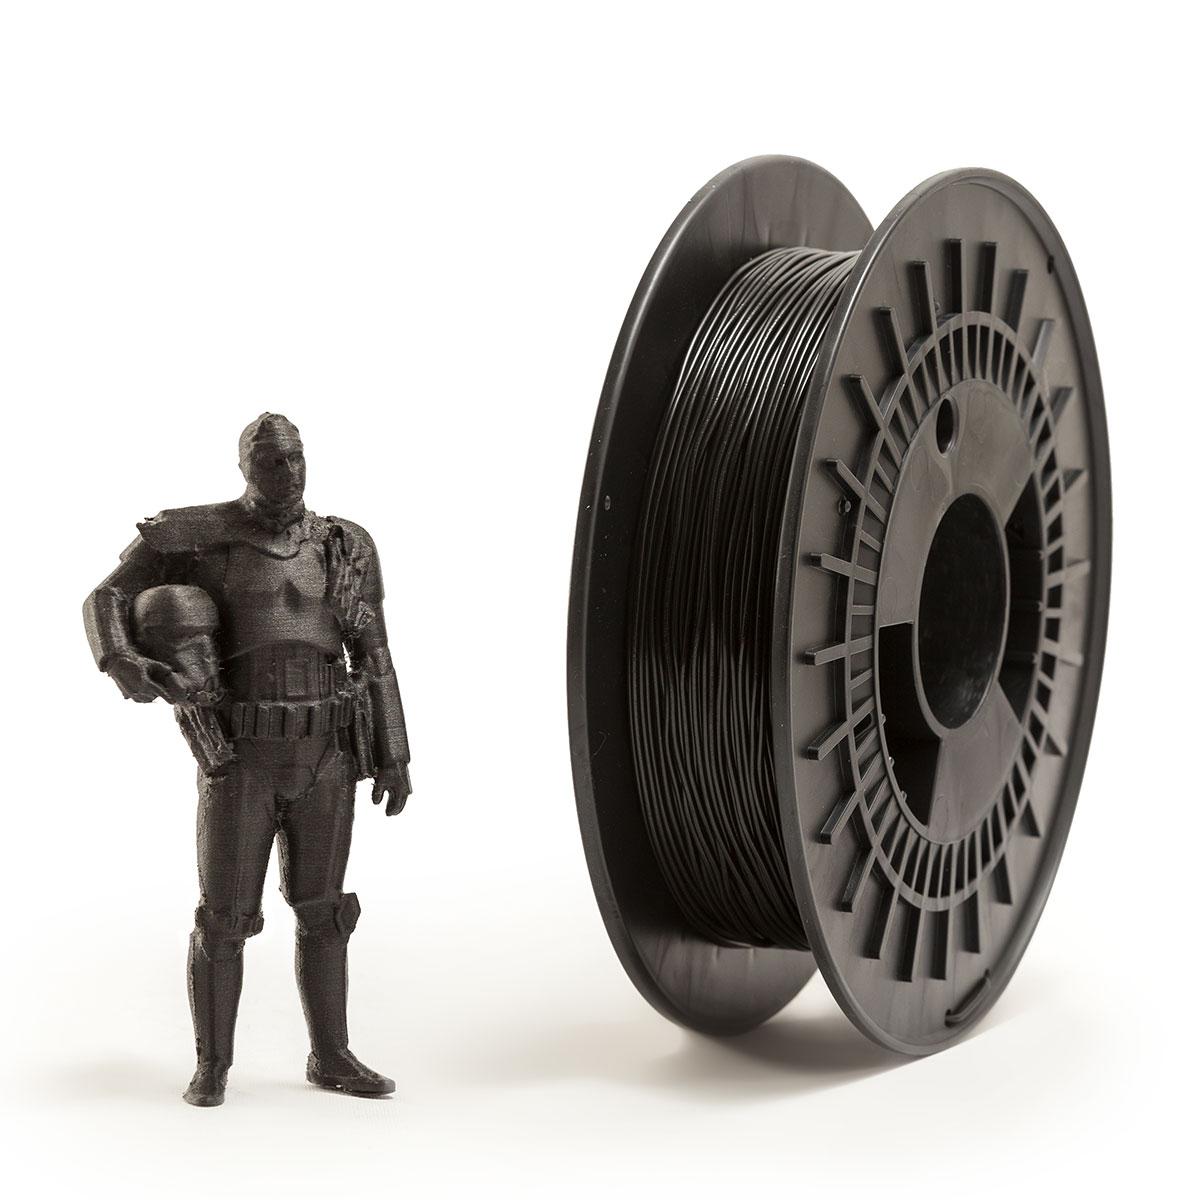 EUMAKERS 3D PRINTING FILAMENT Nylon Carbon Fiber 1.75mm